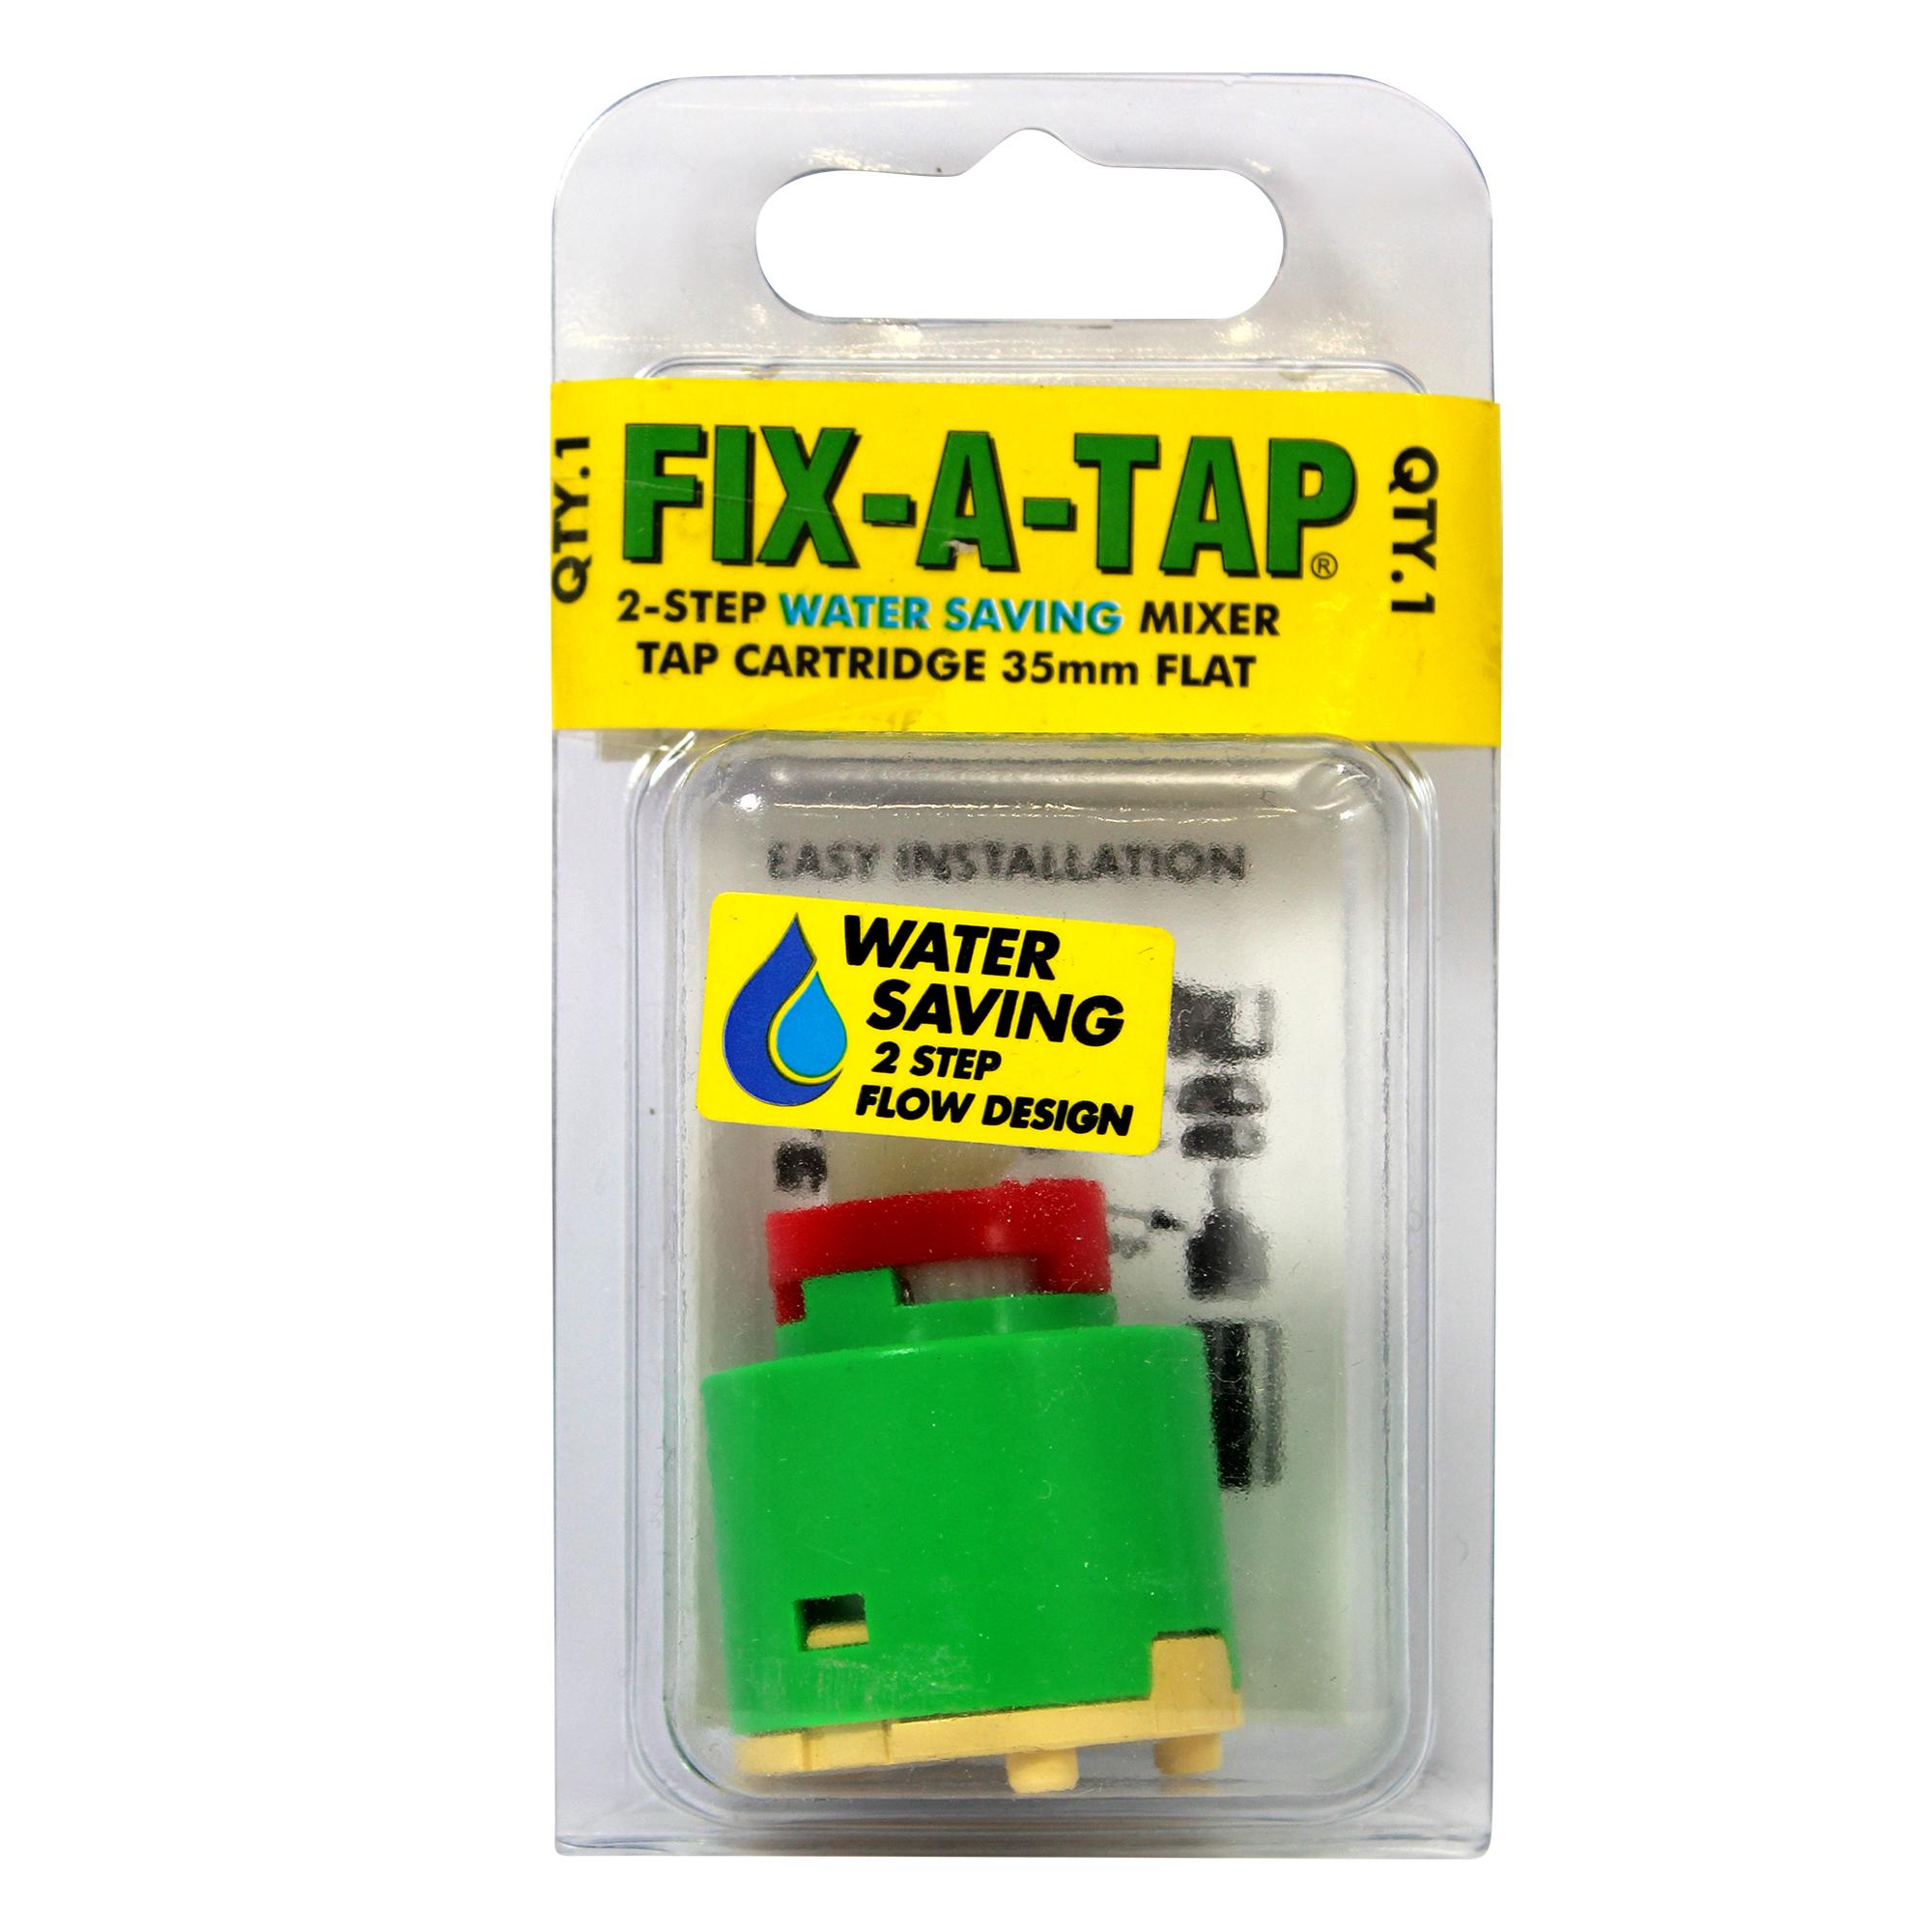 2 step water saving mixer tap cartridge fix a tap 2 step water saving mixer tap cartridge